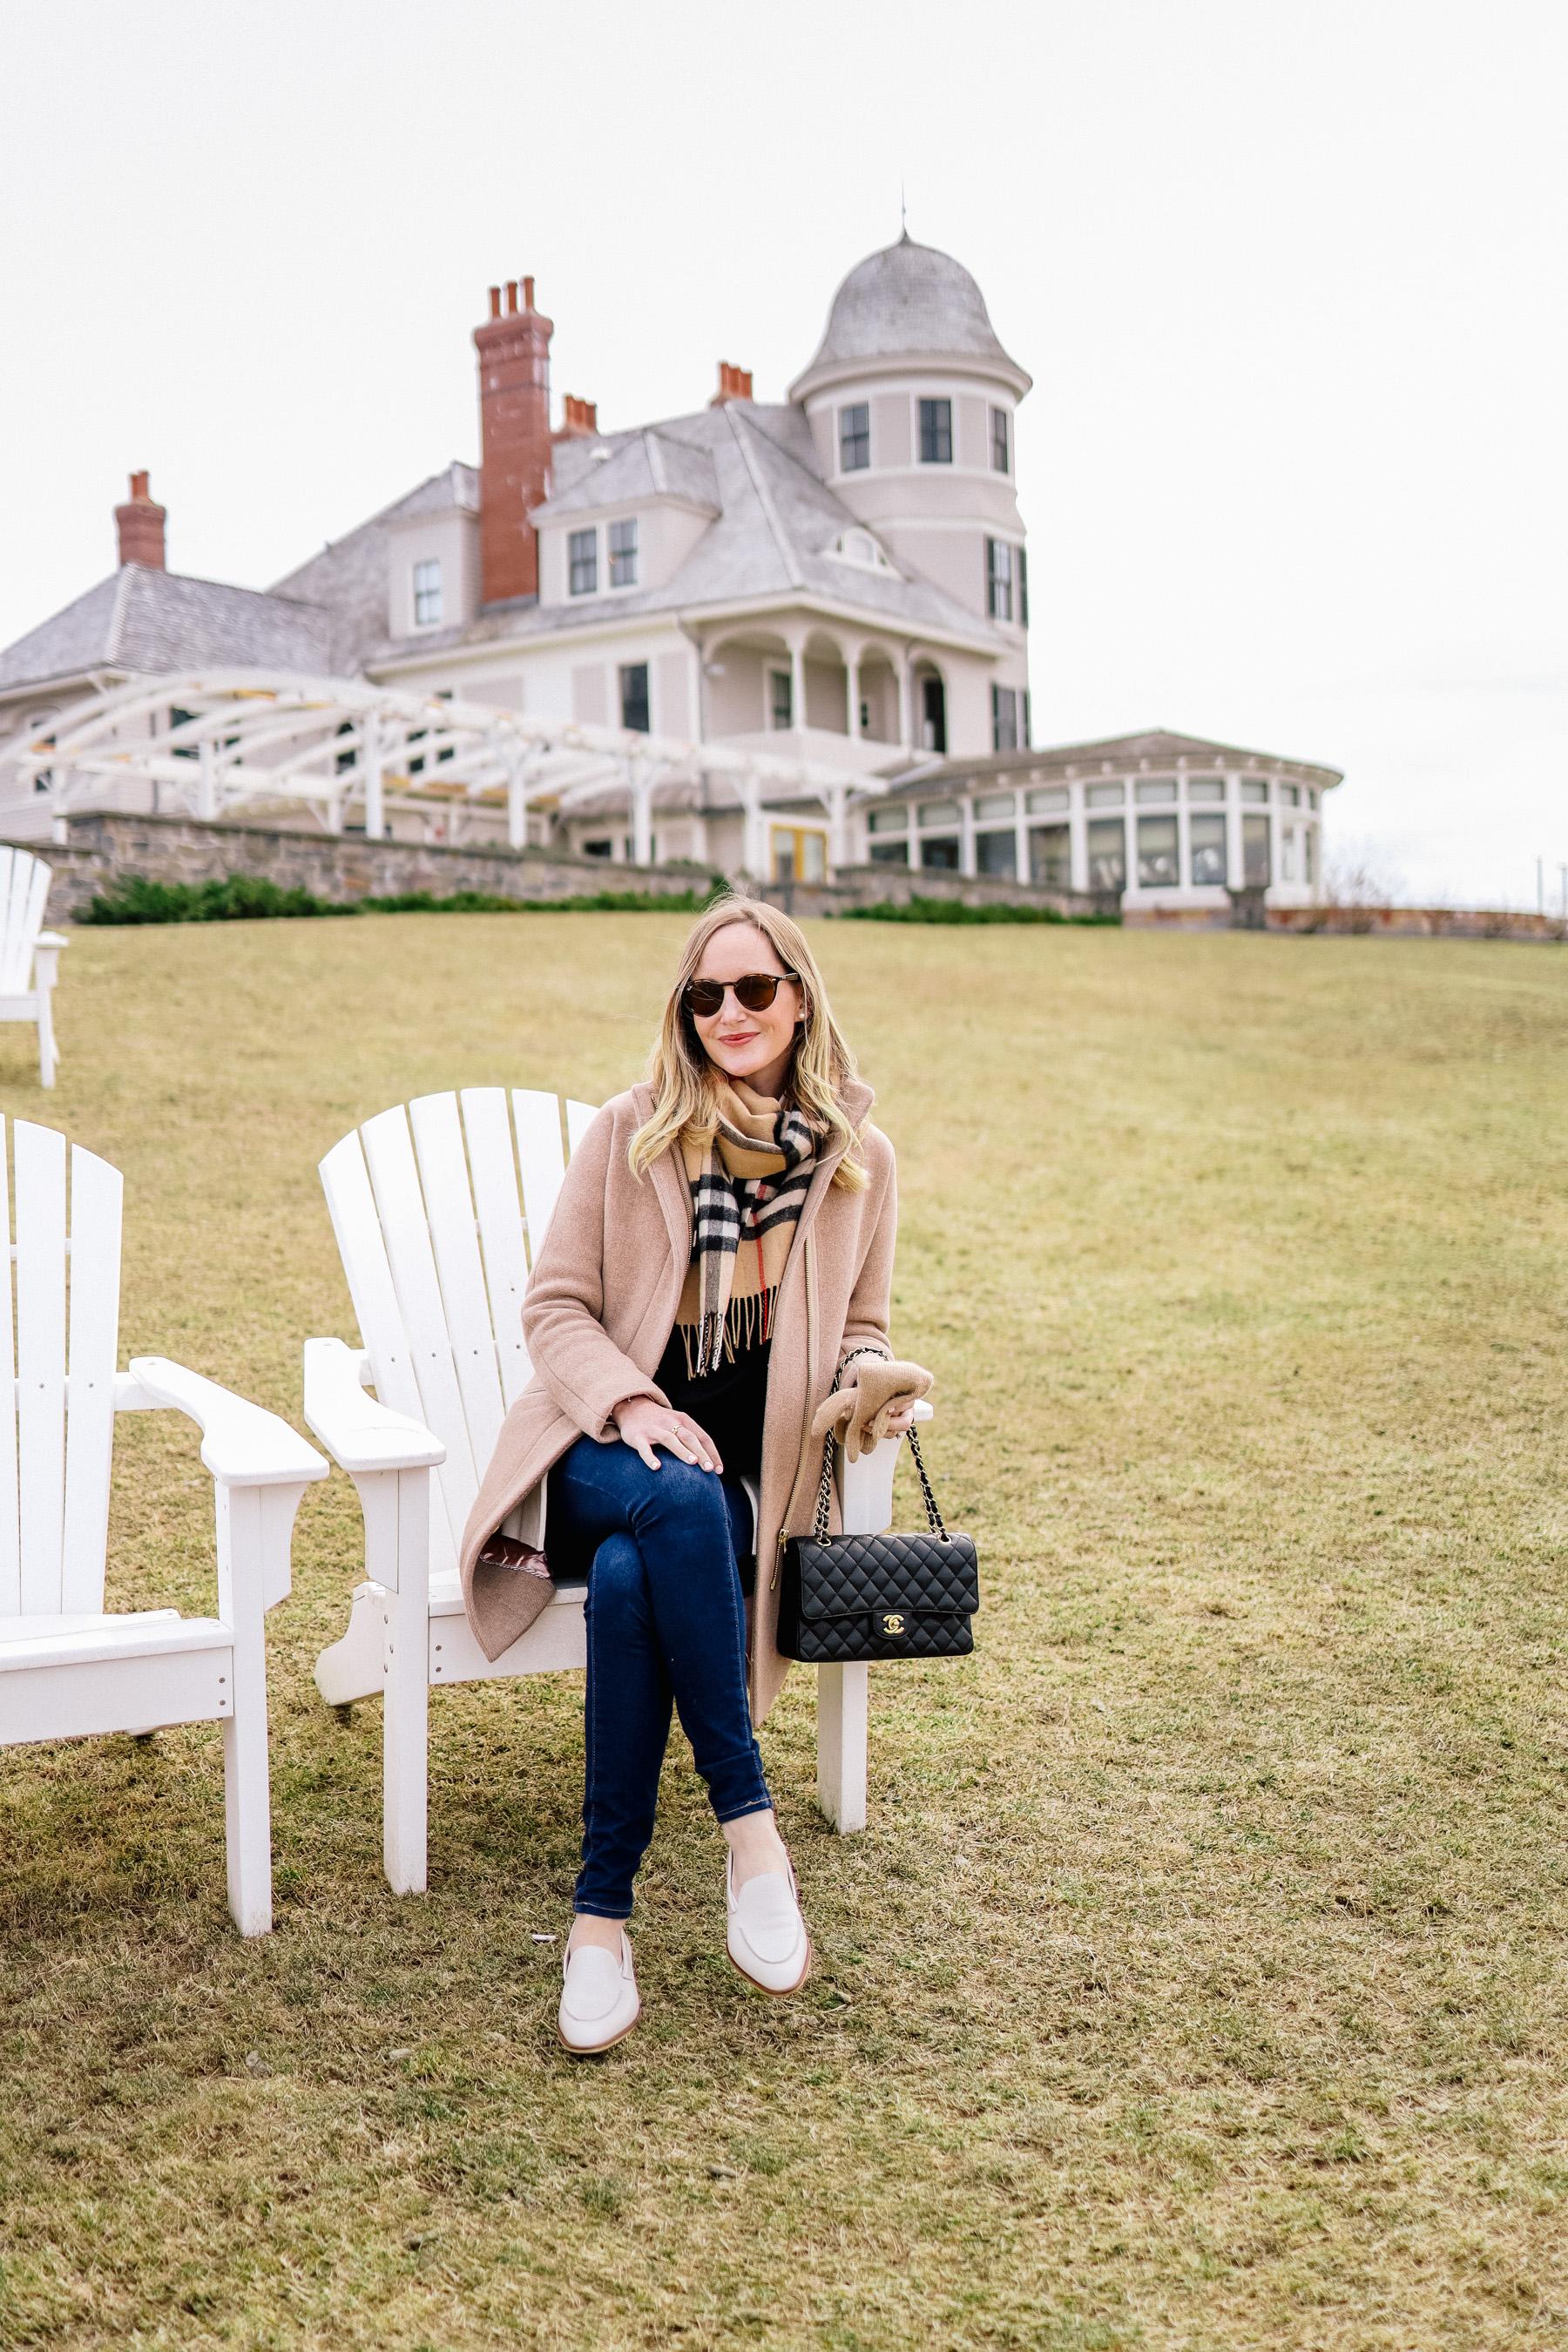 Kelly in Newport, Rhode Island - Lunch at Castle Hill Inn